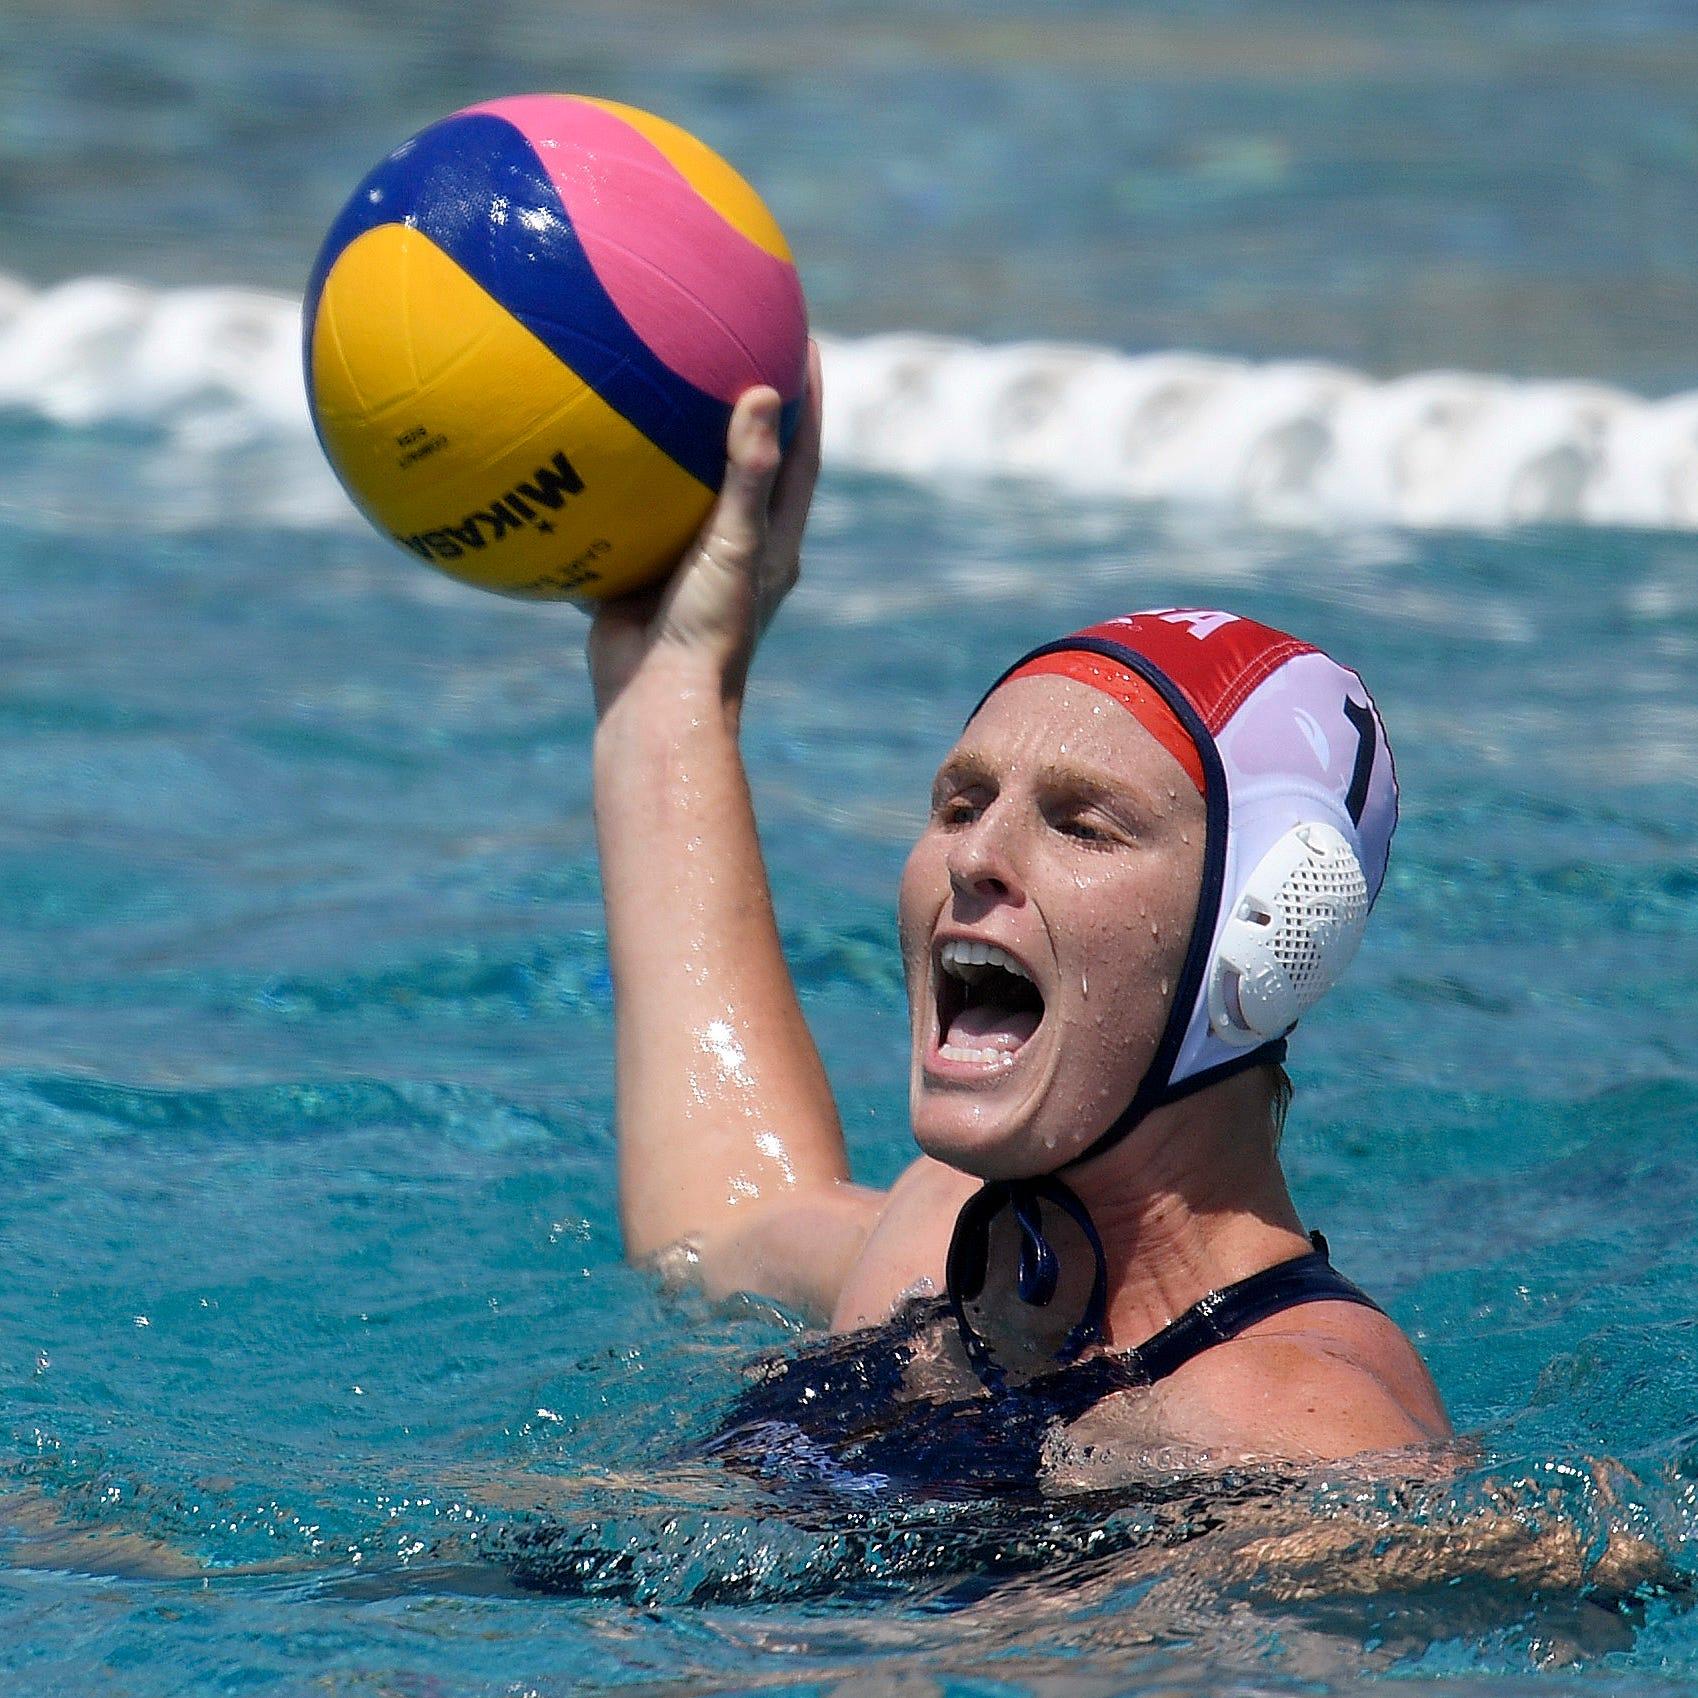 Amanda Longan